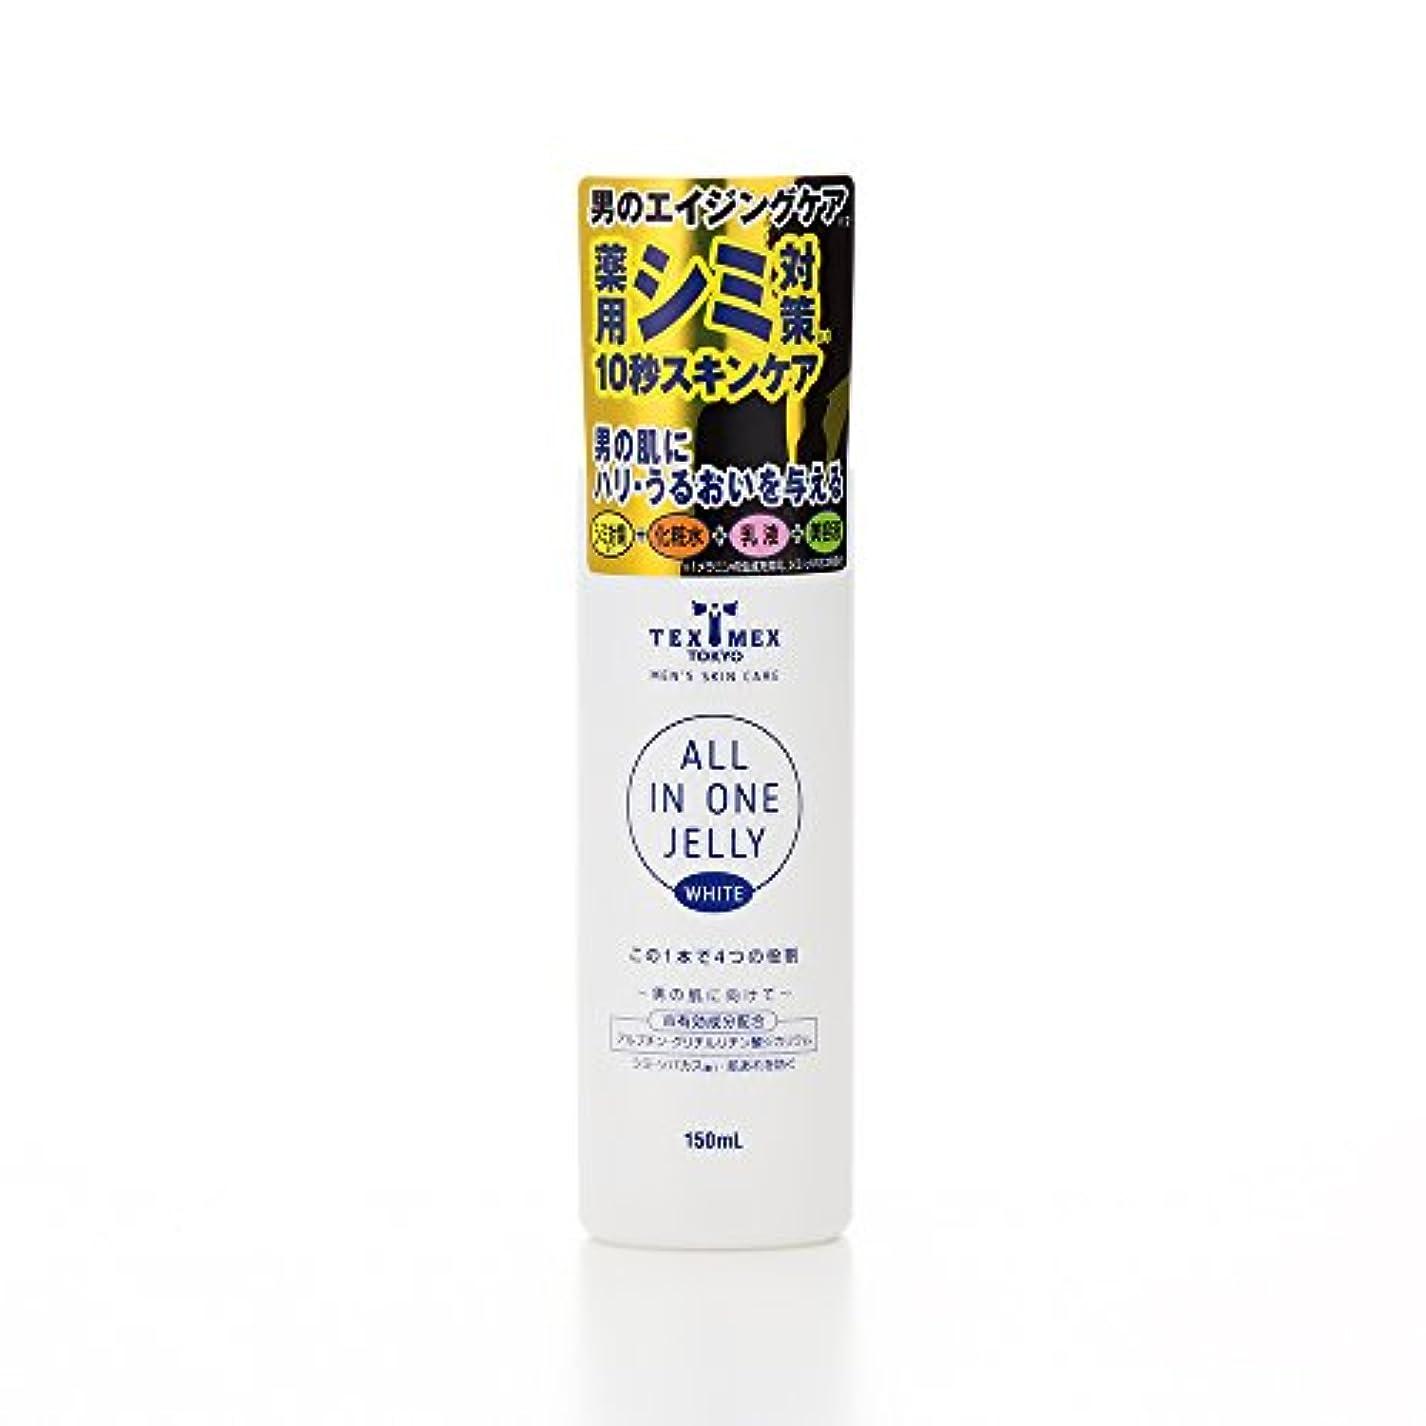 ページェント逸話郡テックスメックス 薬用スキンケアジェリー WH (ジェル状美容液) 150mL (医薬部外品)